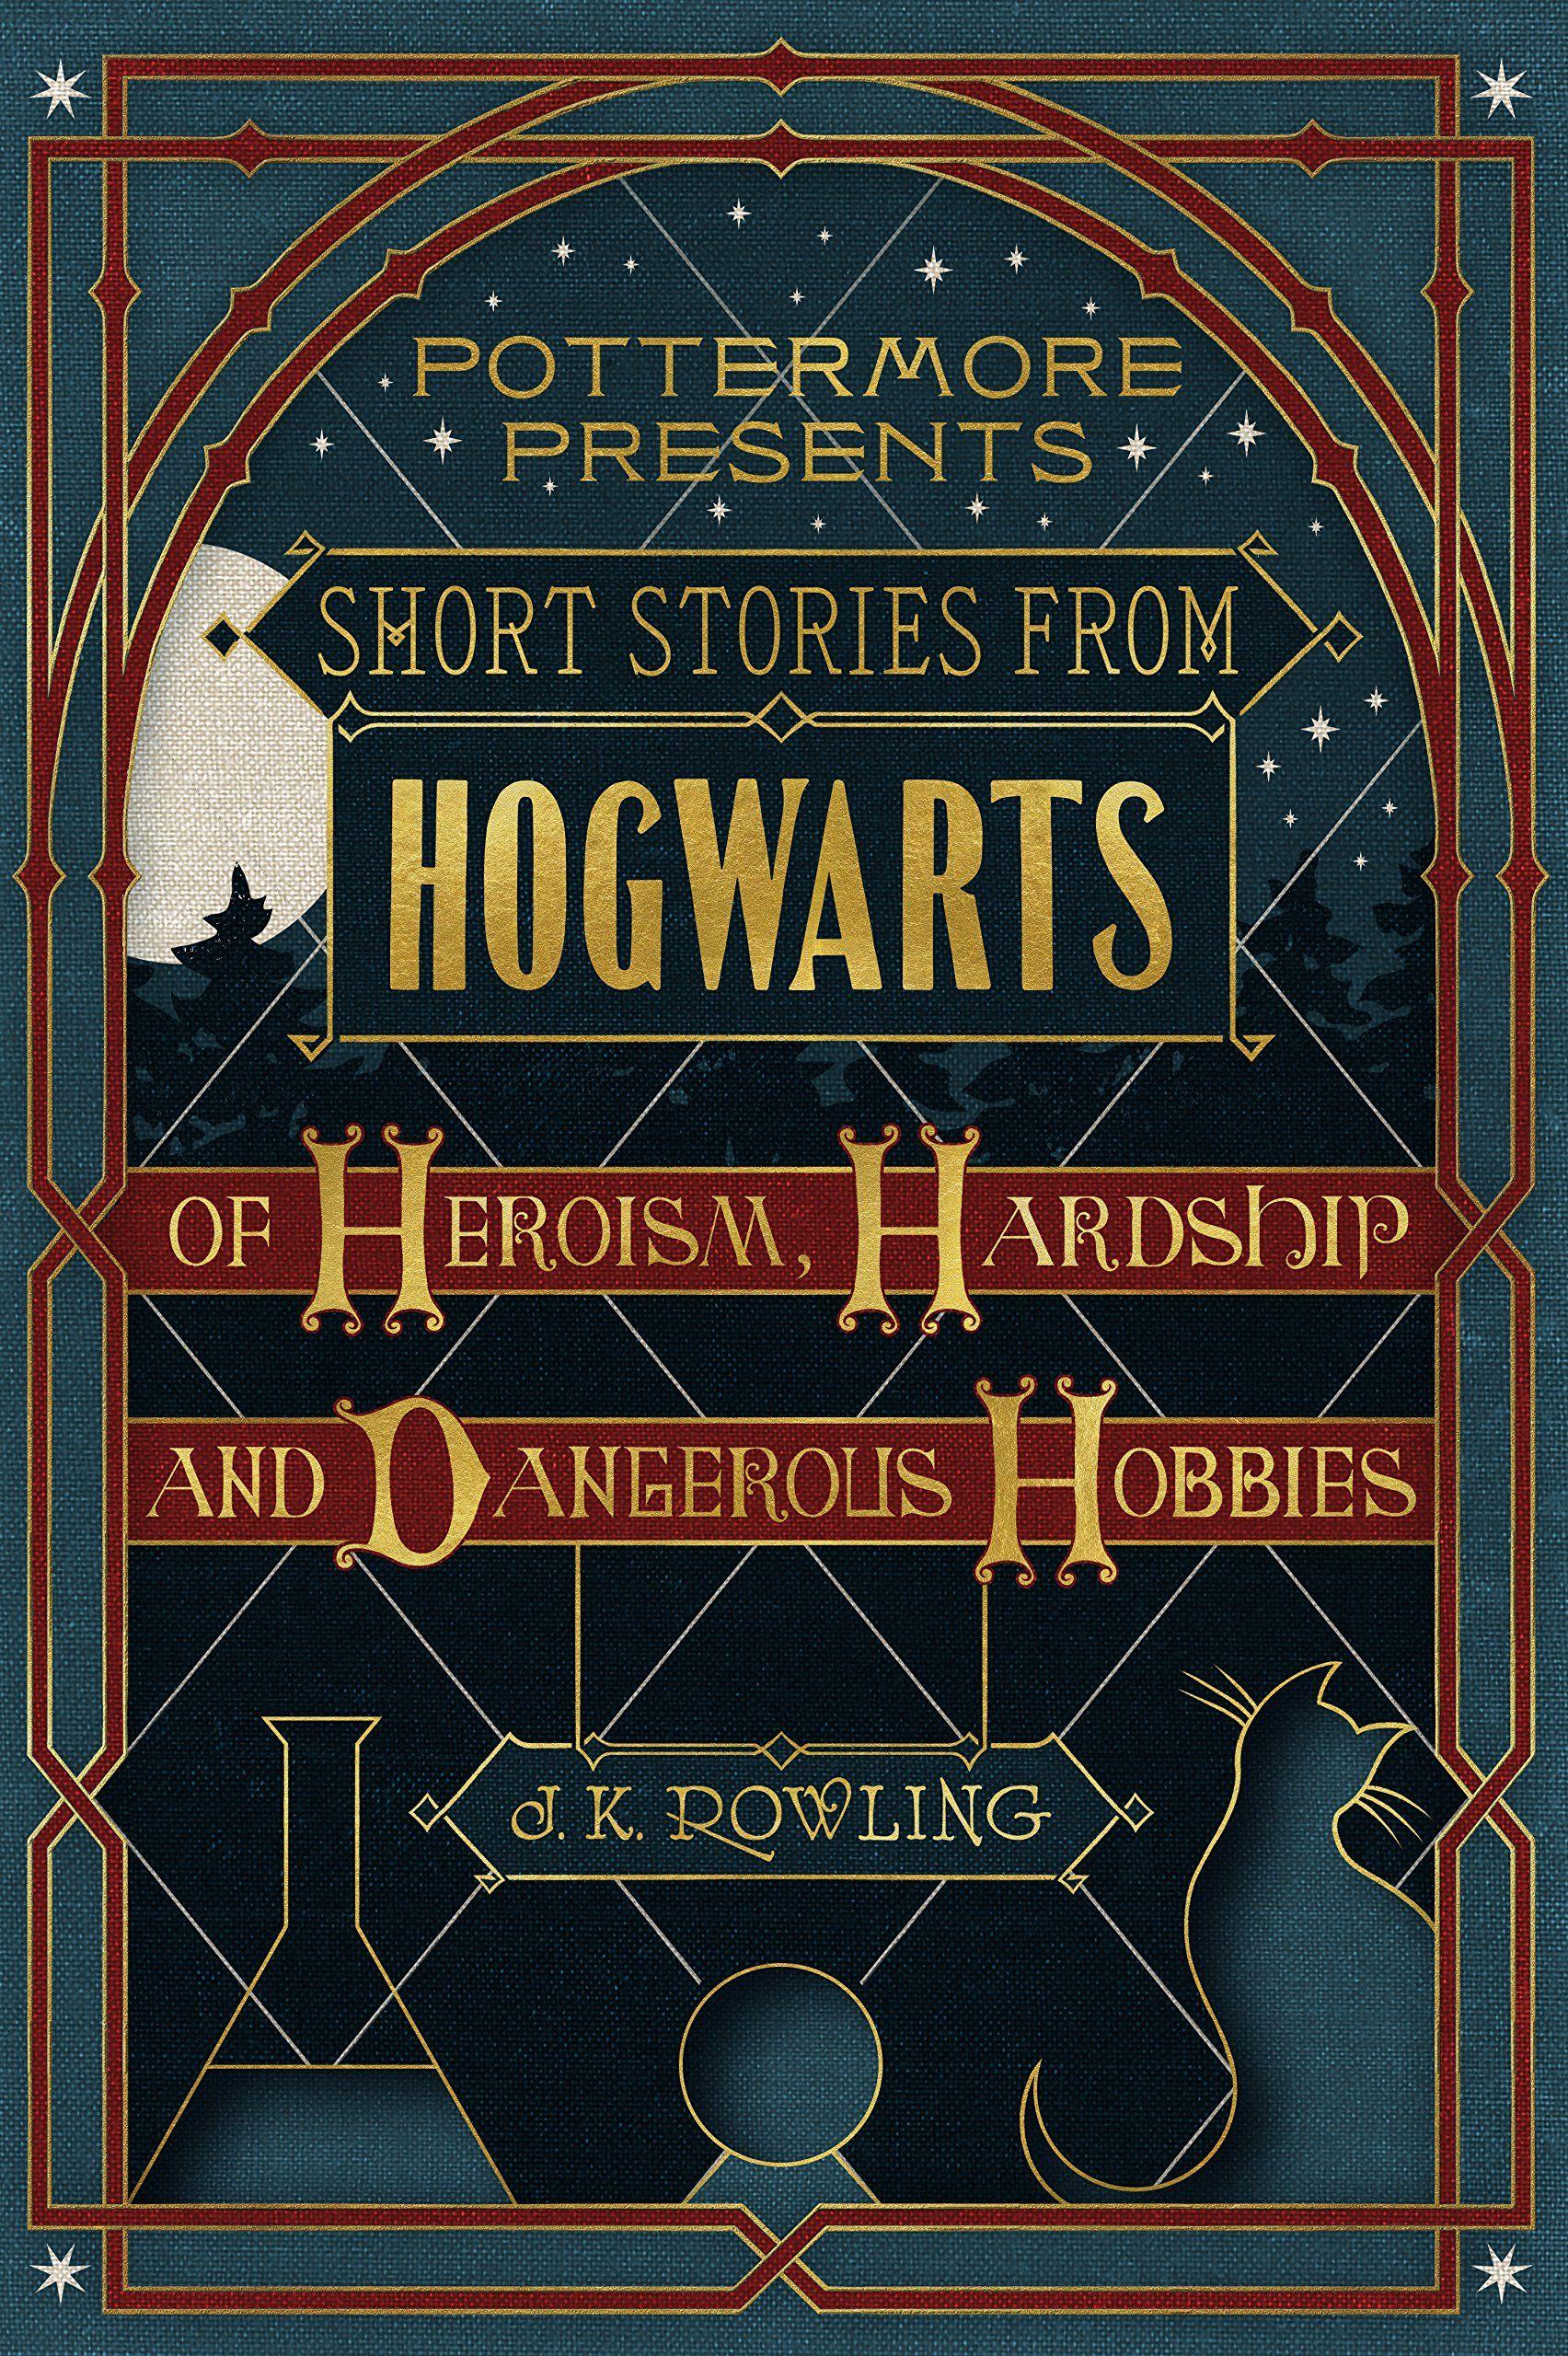 Short Stories From Hogwarts Of Heroism Hardship And Dangerous Hobbies Kindle Single Pottermore Presen In 2020 Kurzgeschichten Hogwarts Phantastische Tierwesen Buch